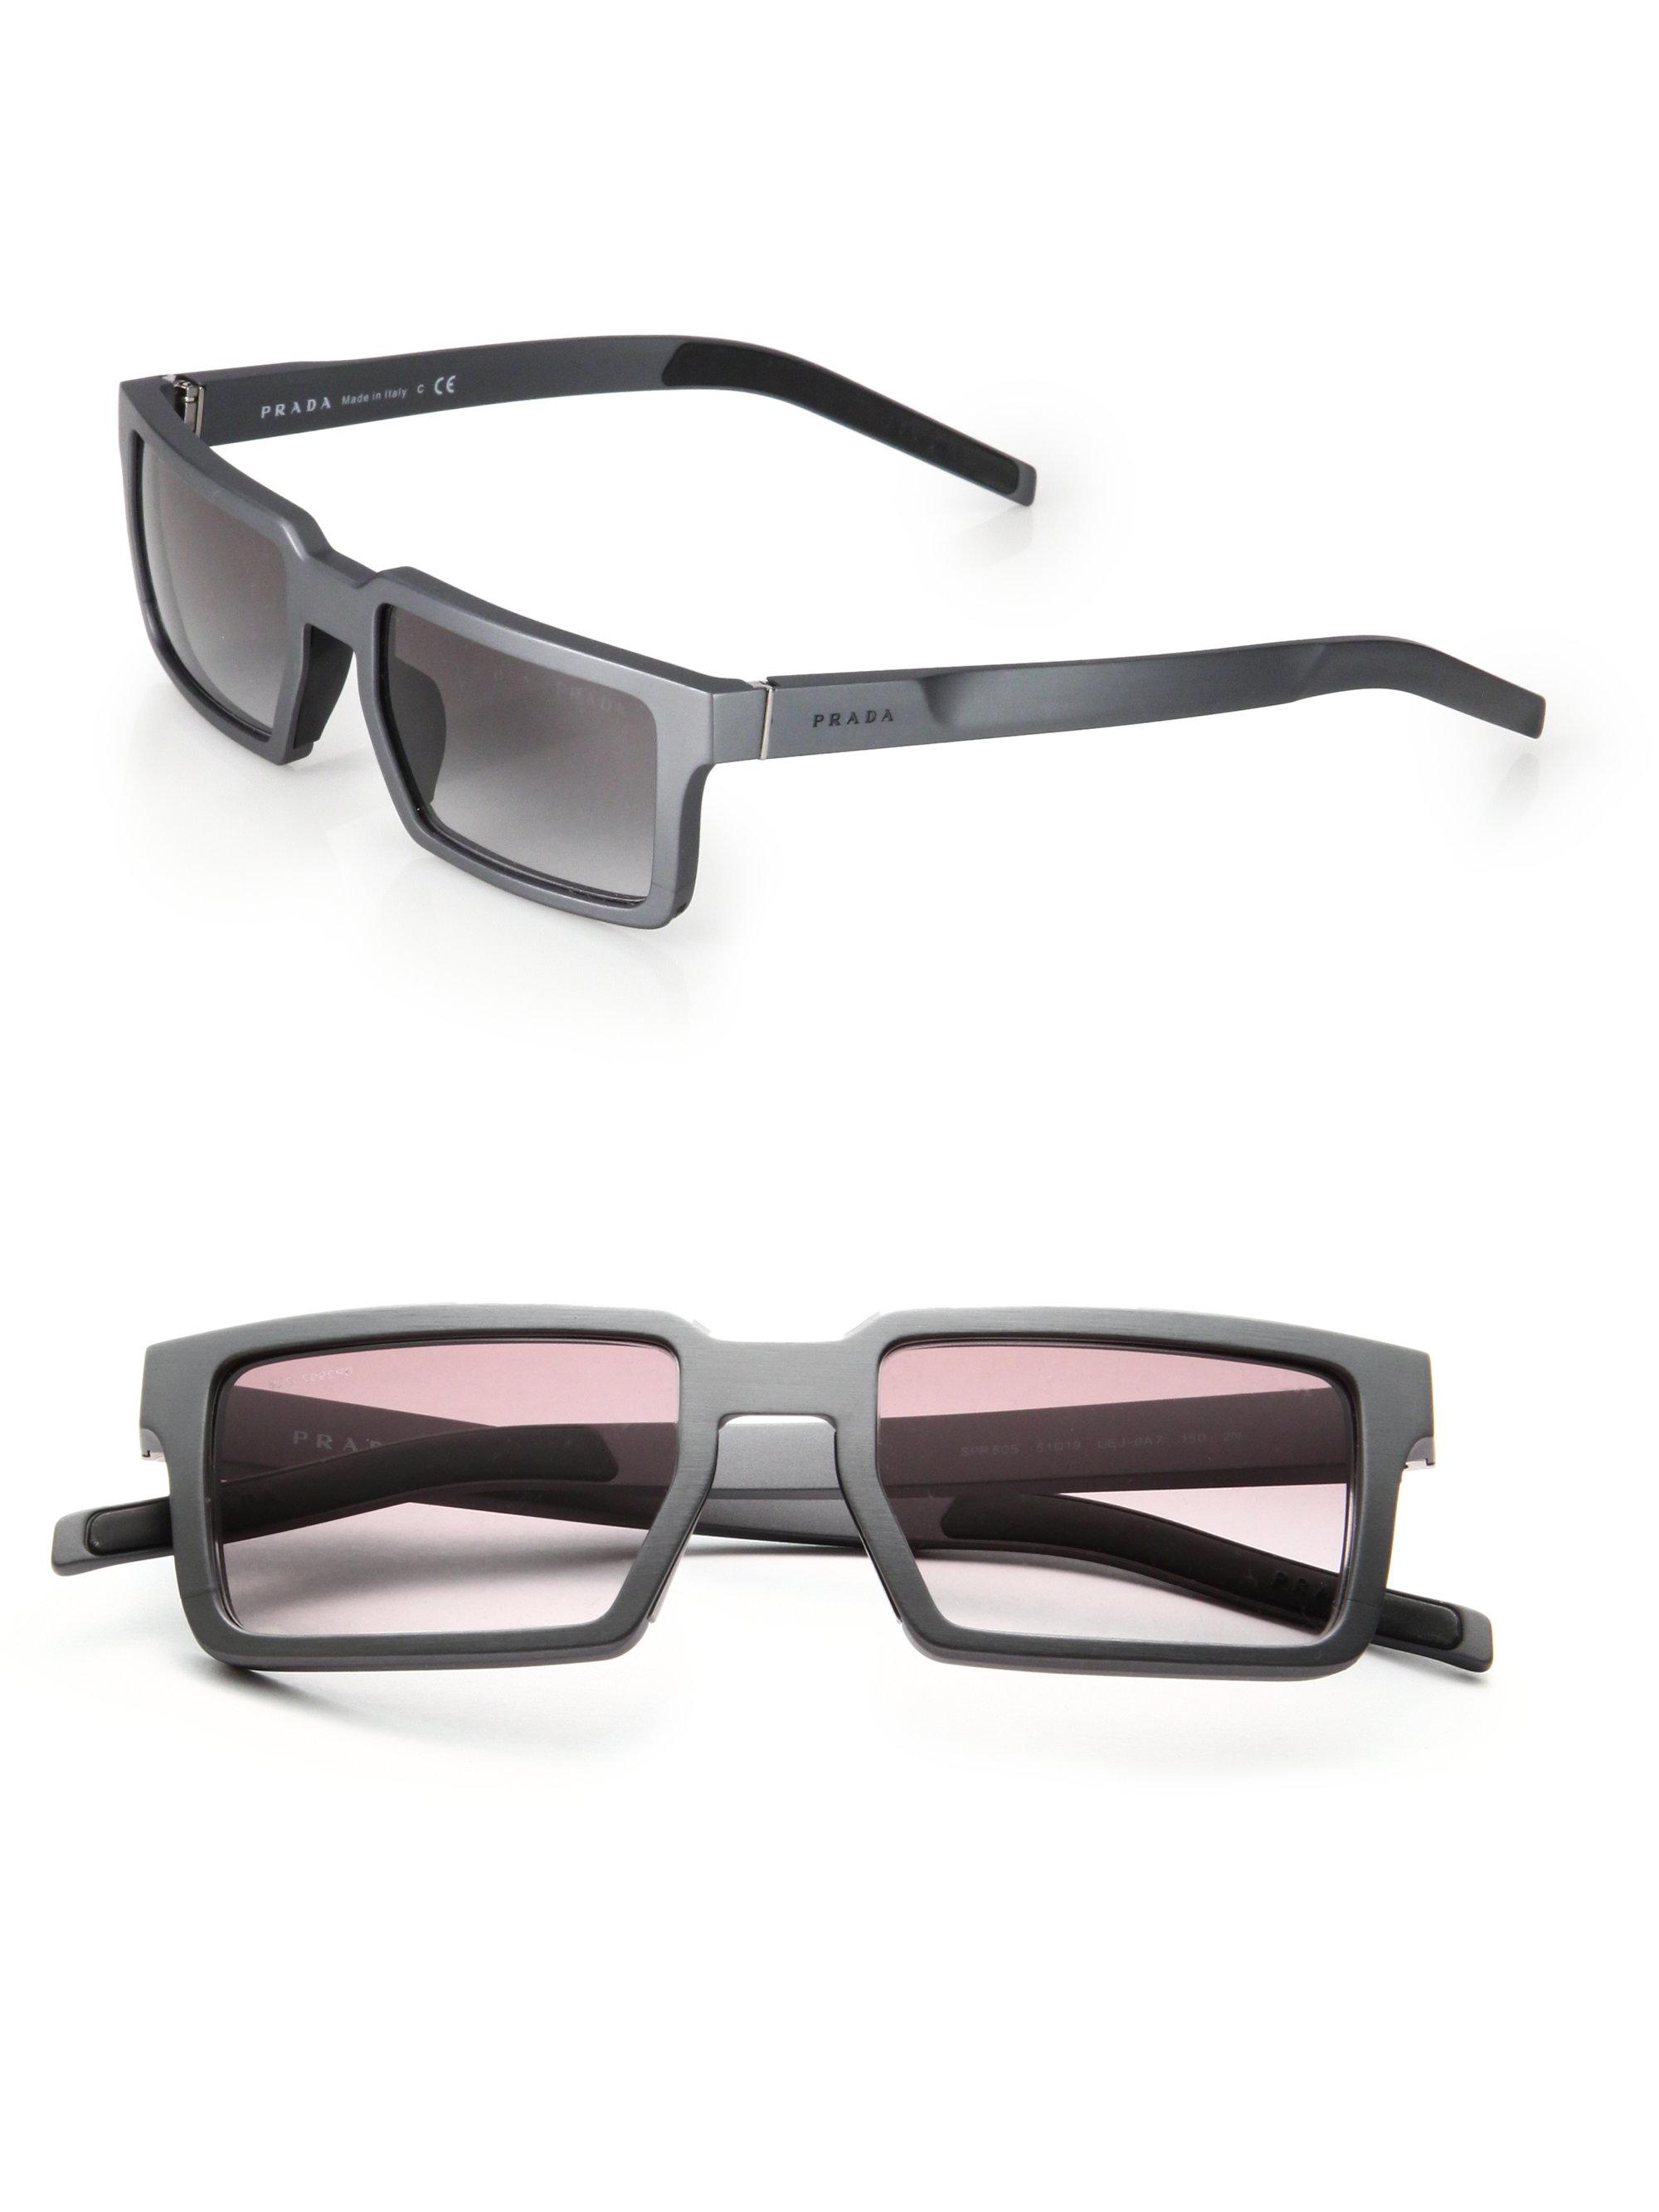 Aluminum Sunglasses  prada 51mm rectangle aluminum sunglasses in gray for men lyst